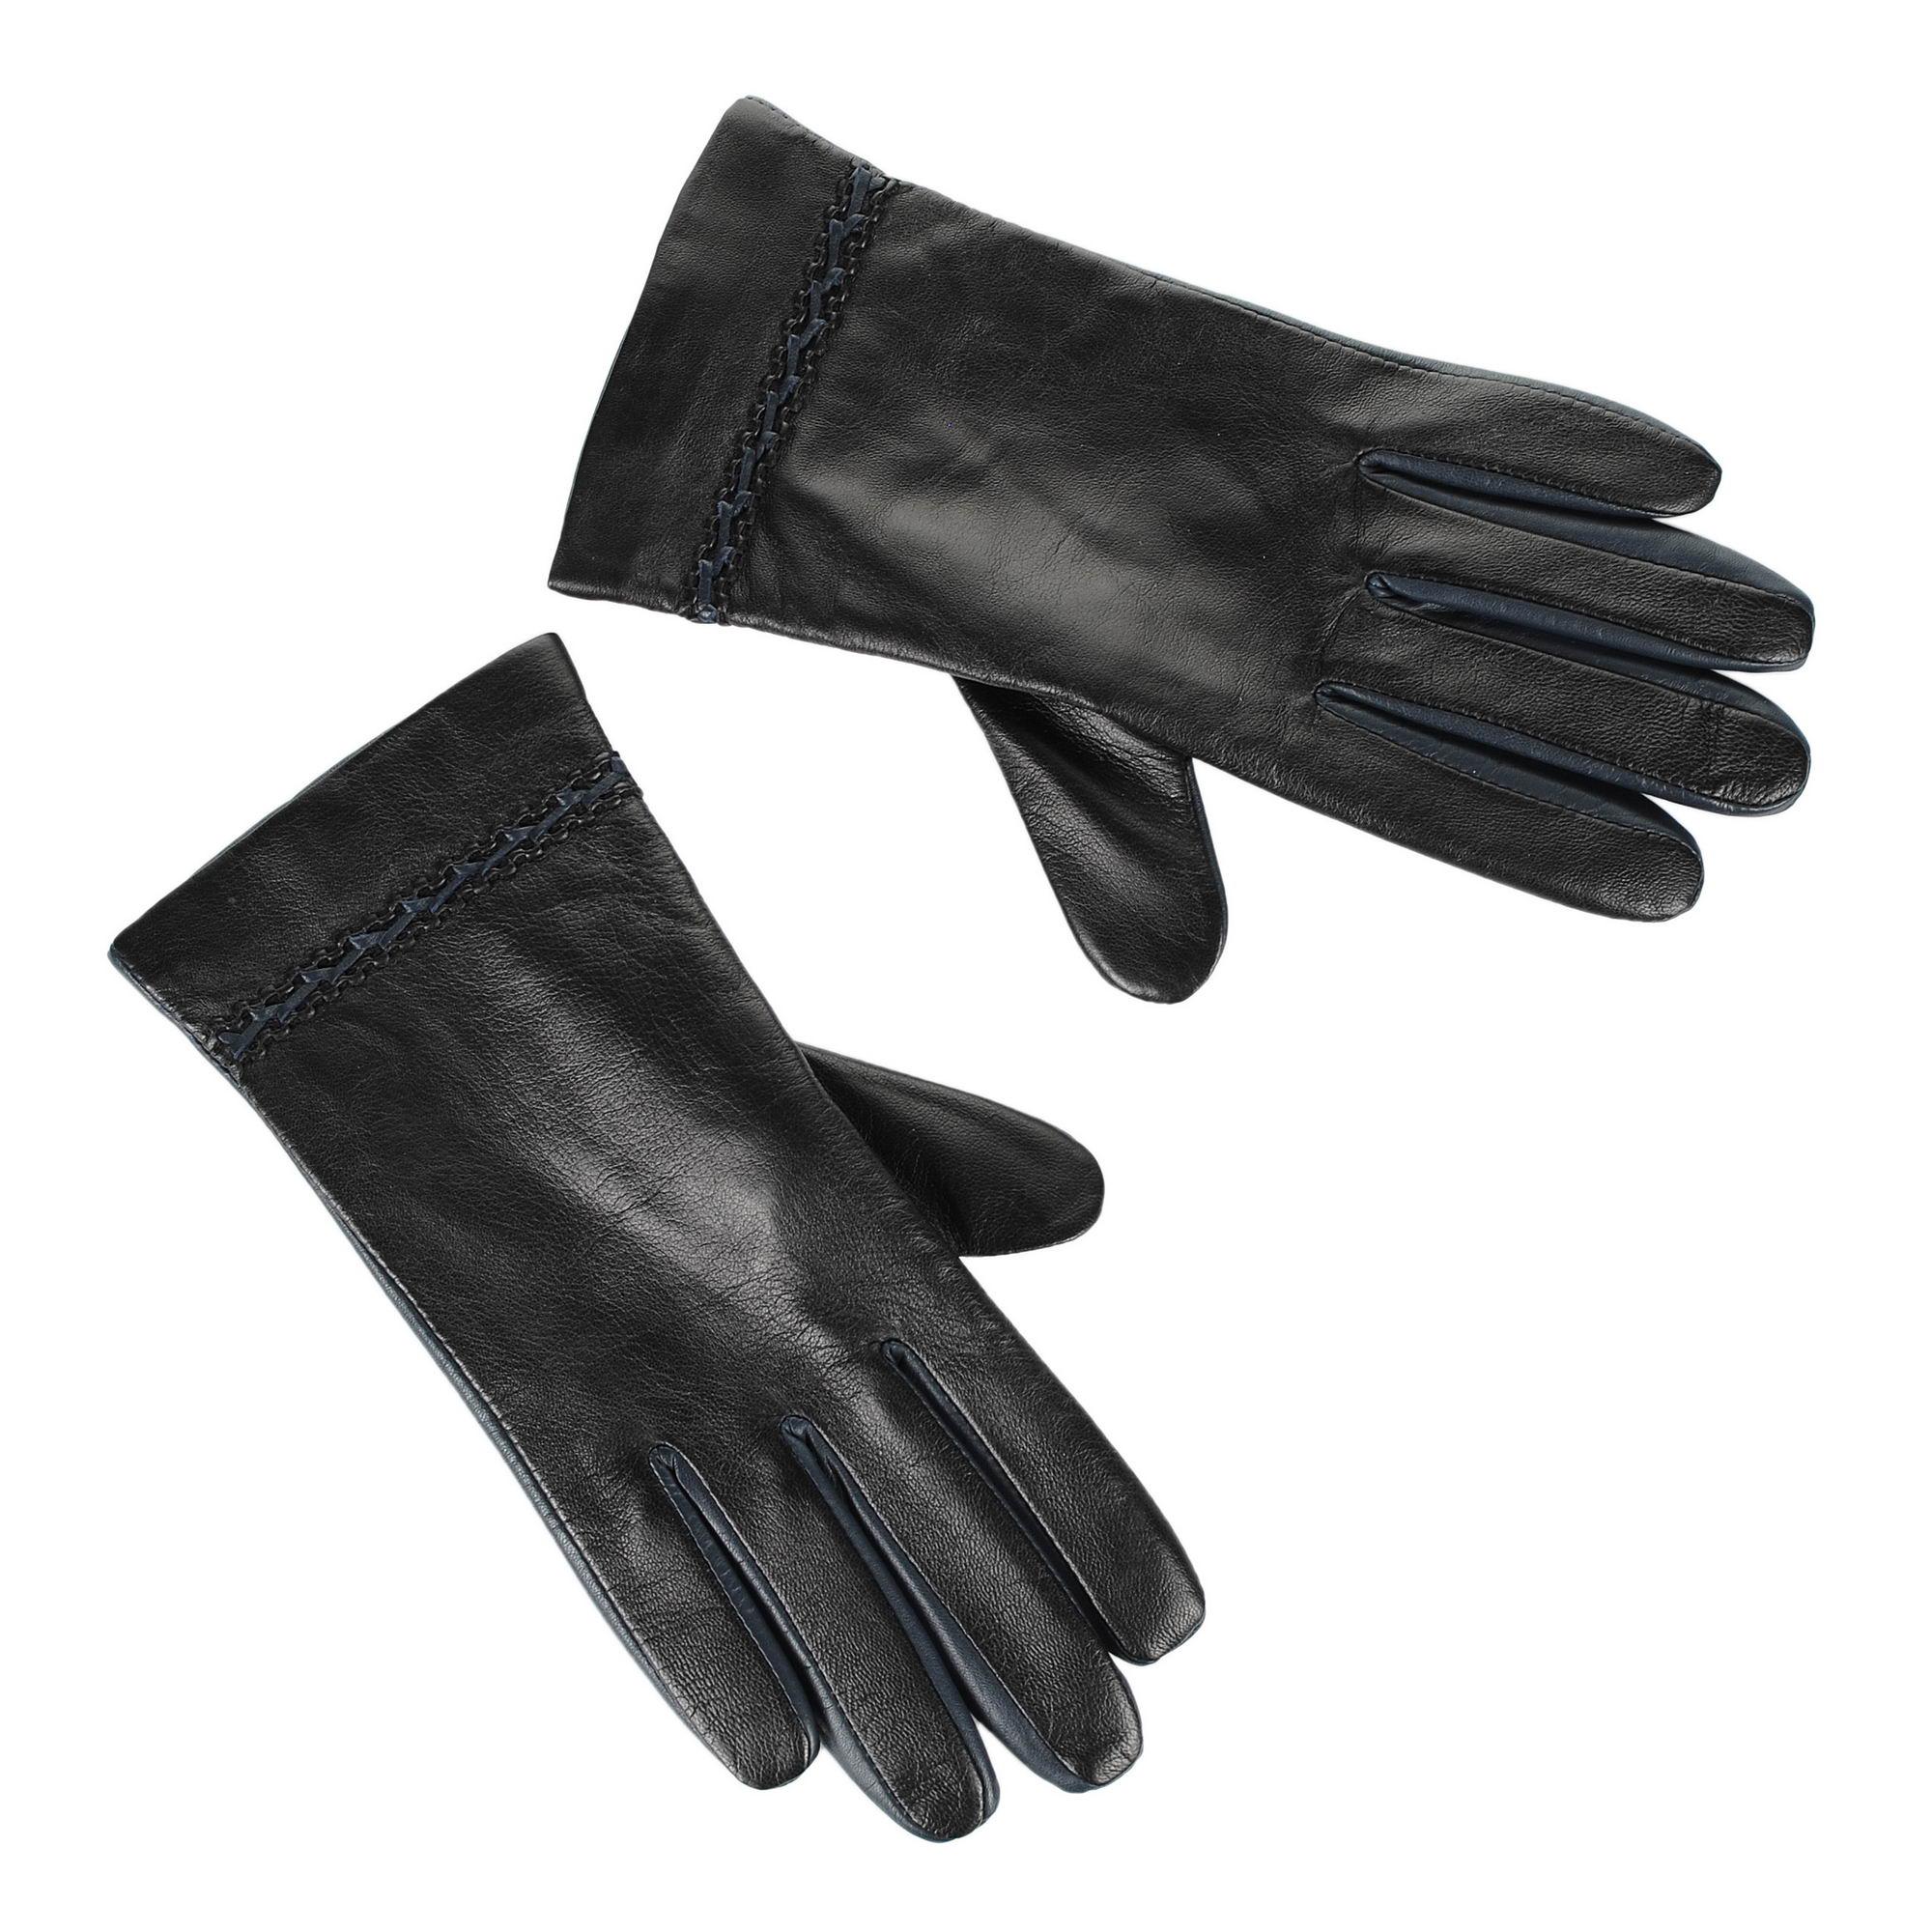 Δερμάτινα Γάντια Guy Laroche 98870 γυναικα   γυναικείο γάντι